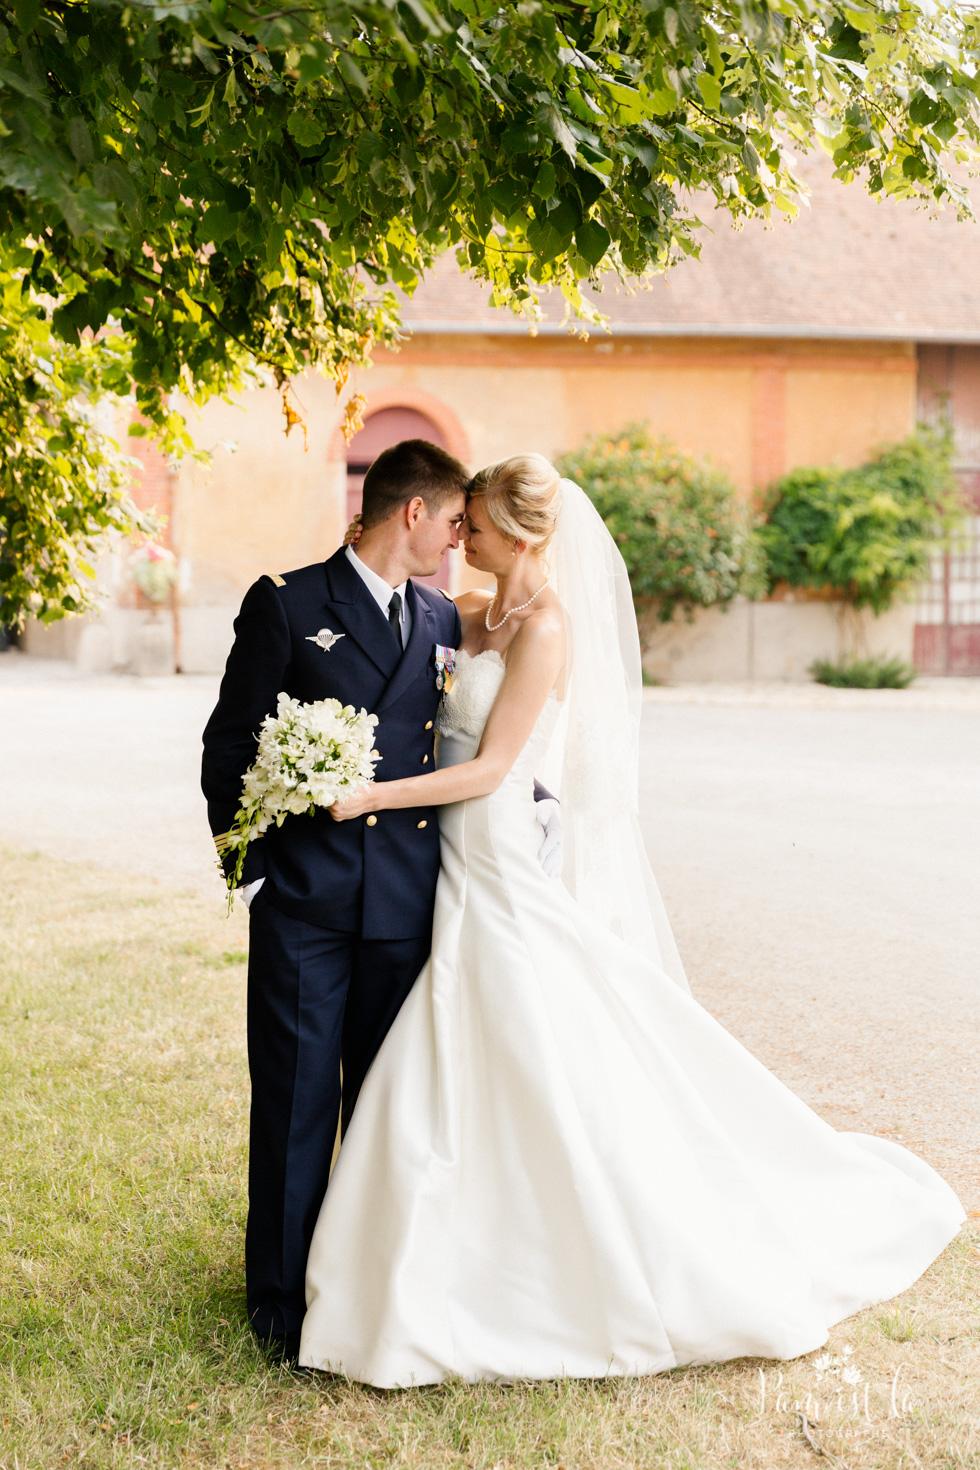 photographe-reportage-mariage-paris-domaine du parc a poncarré